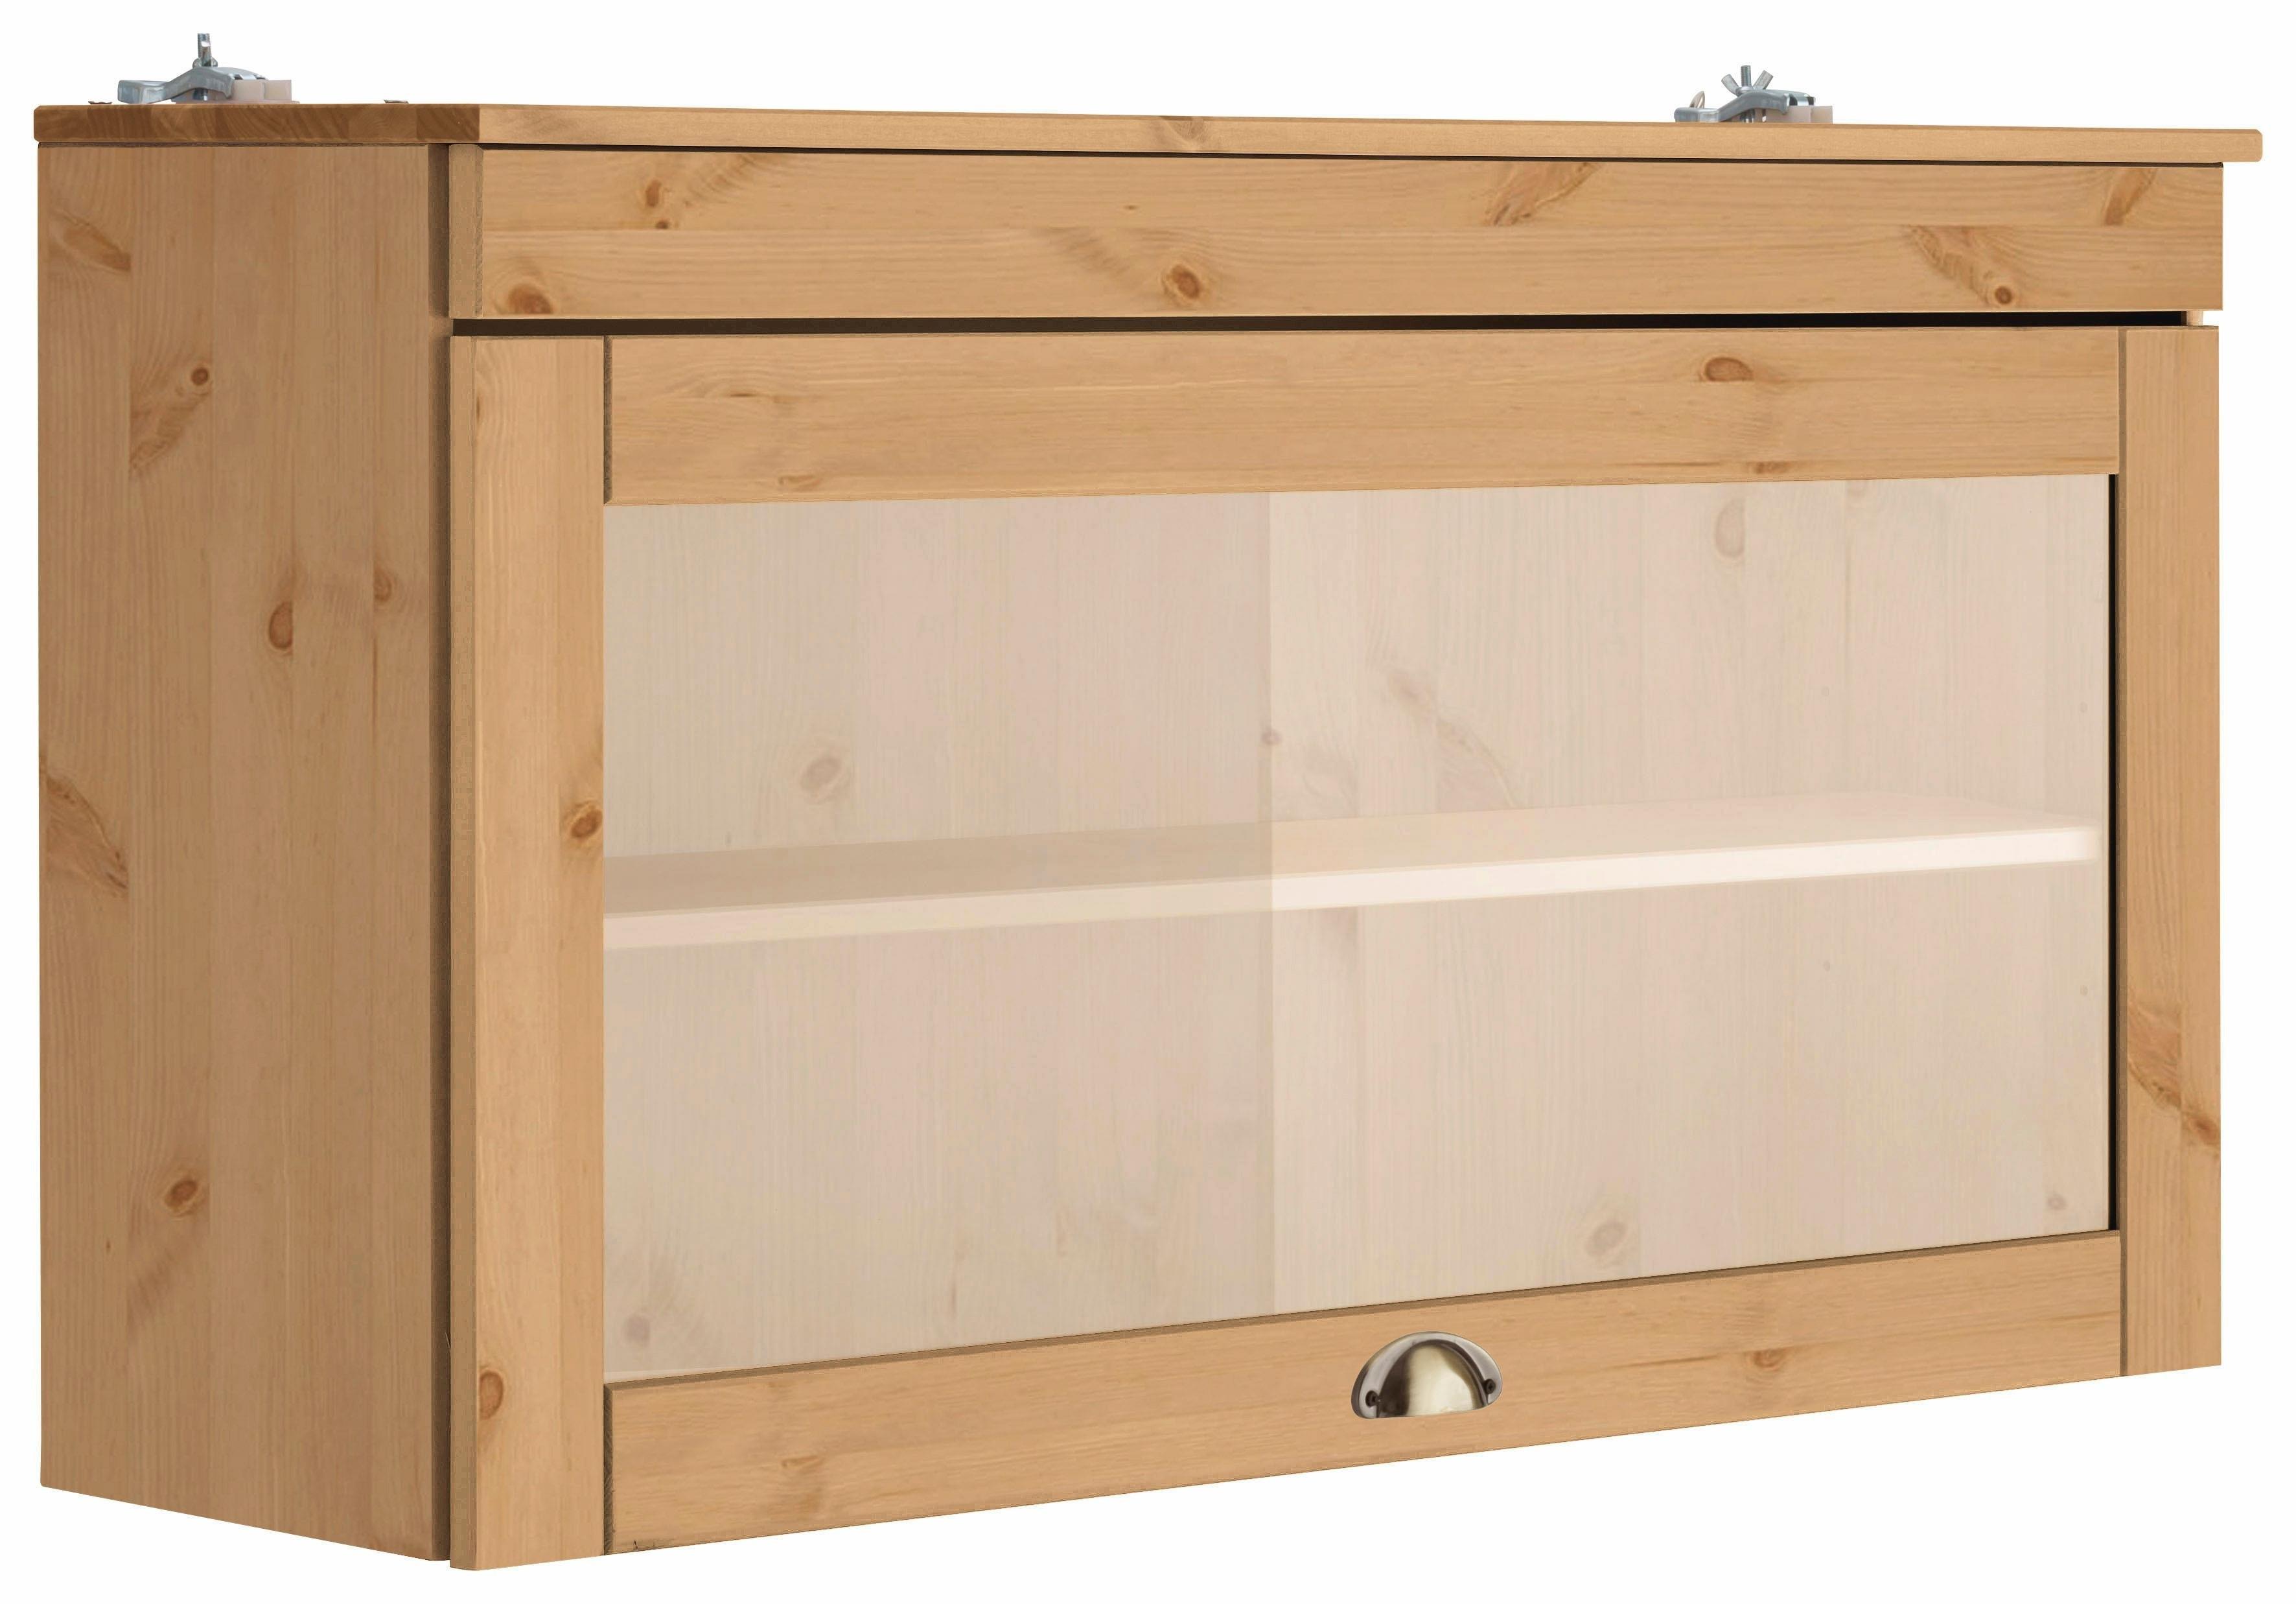 Home affaire hangend kastje met glasdeur Oslo 100 cm breed, van massief grenen, 1 klep, metalen greep, landhuis-look veilig op otto.nl kopen